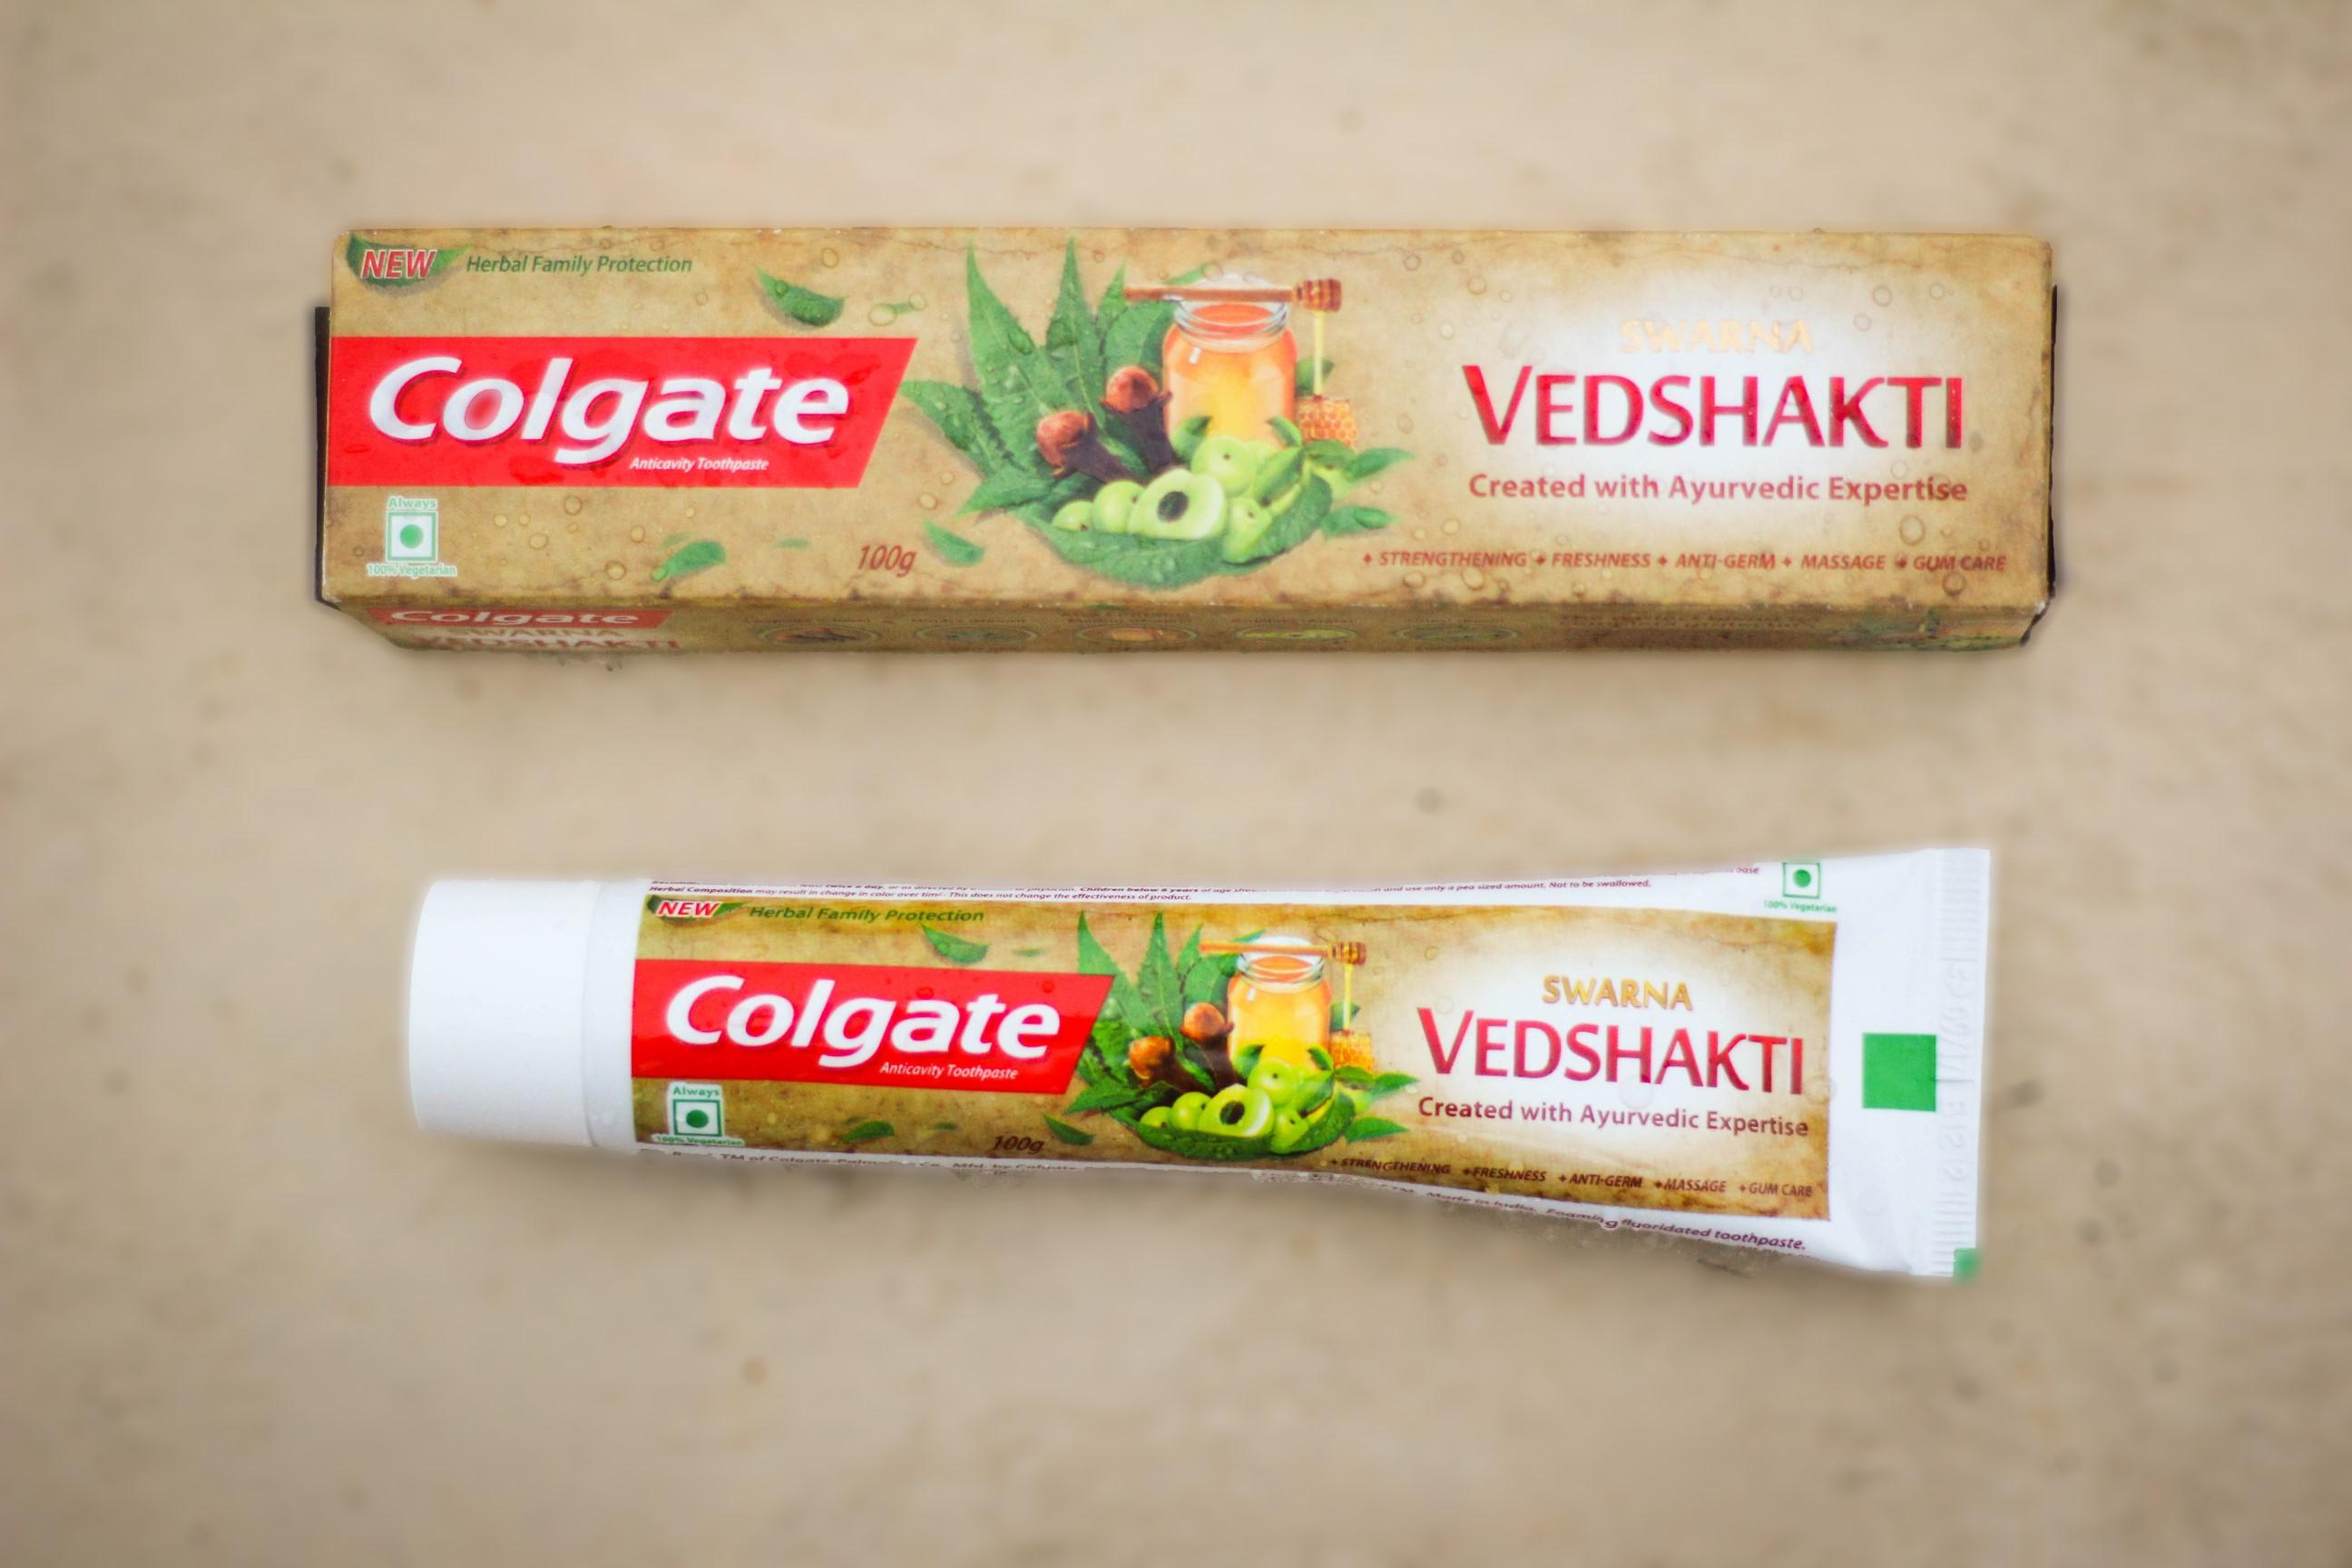 colgate vershakti toothpaste price